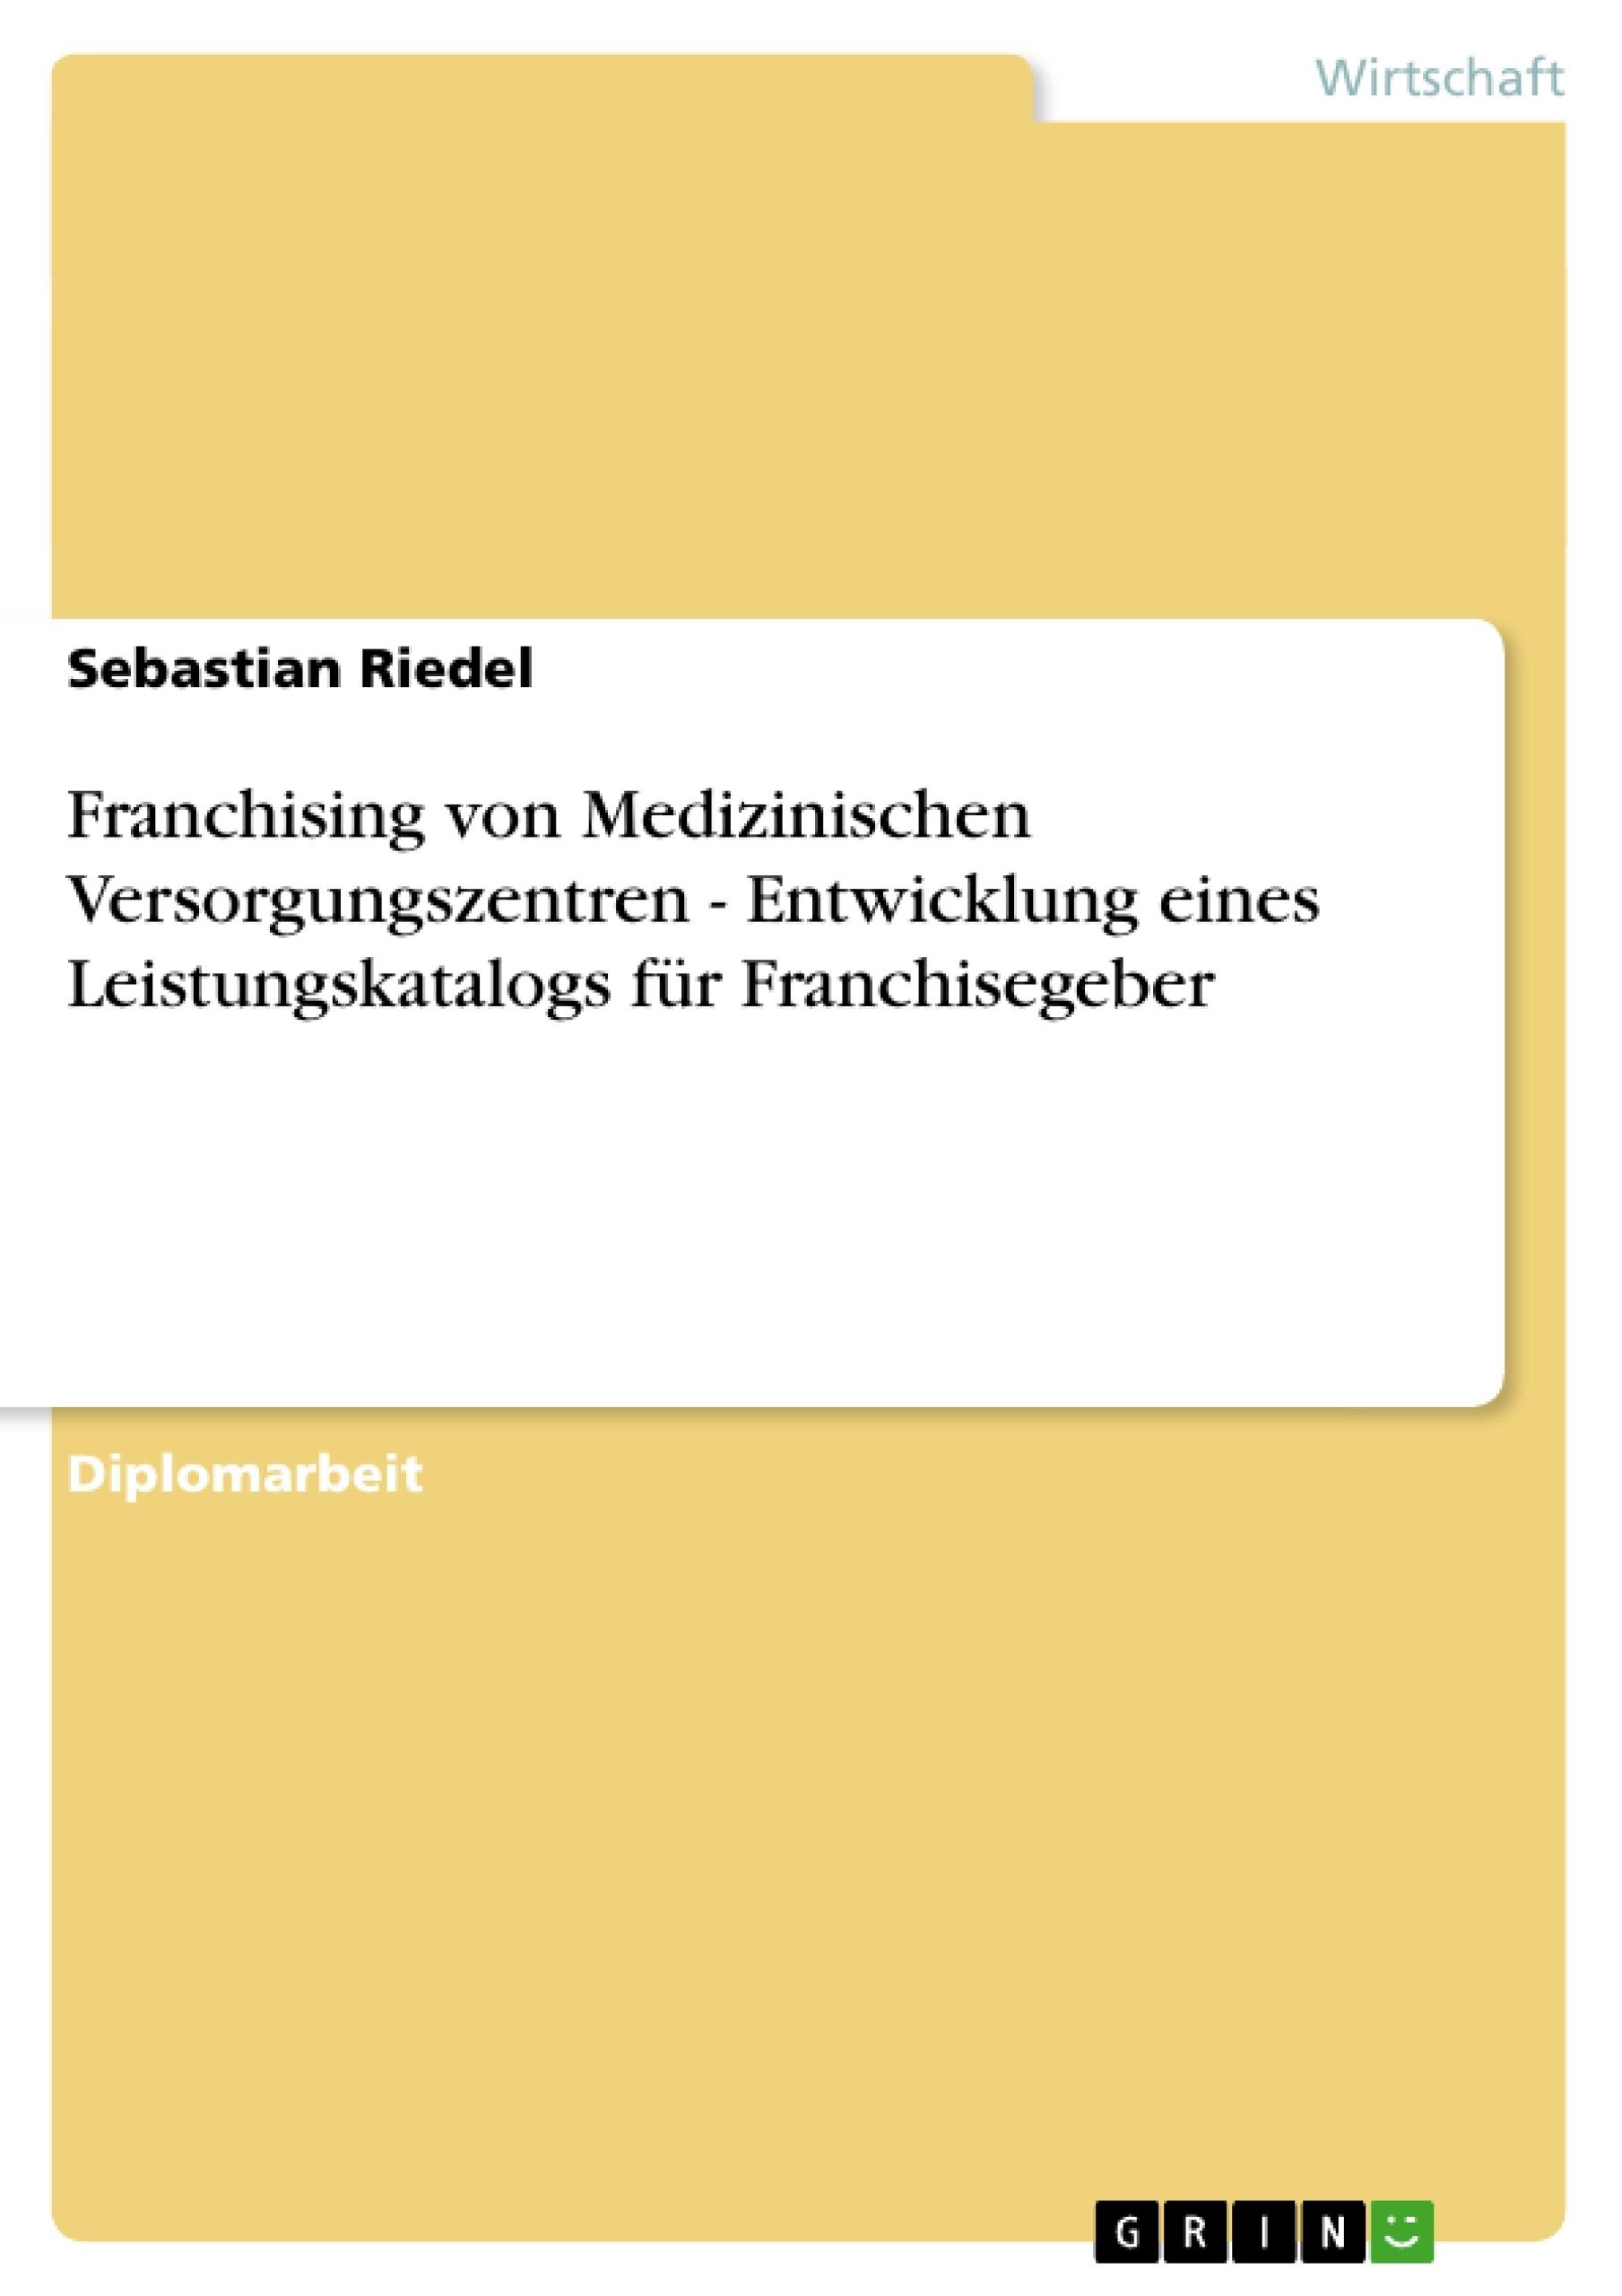 Titel: Franchising von Medizinischen Versorgungszentren - Entwicklung eines Leistungskatalogs für Franchisegeber